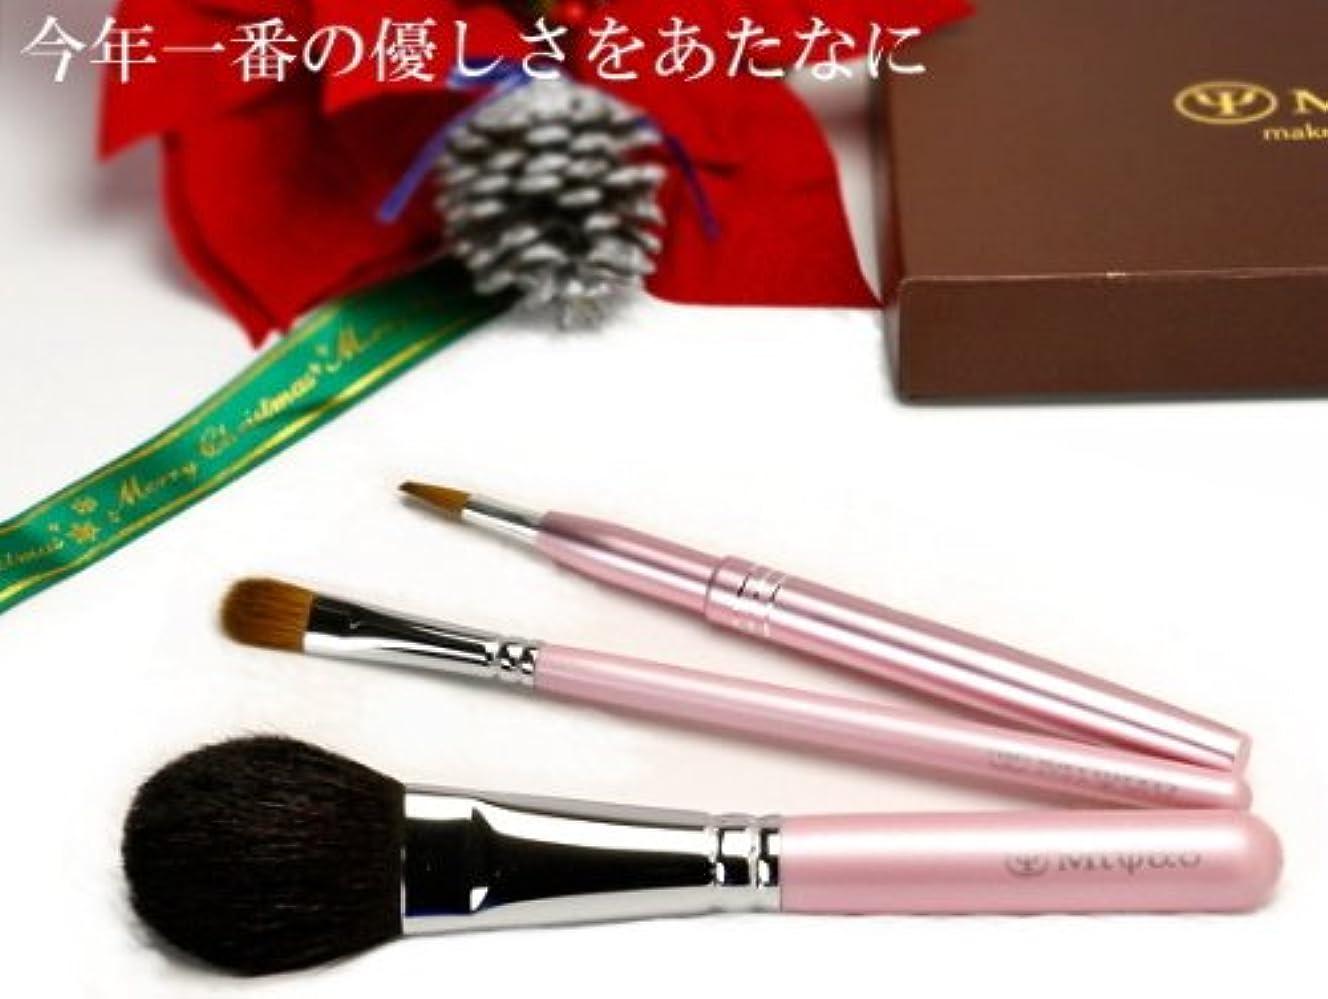 貪欲木曜日ジェスチャー熊野化粧筆 ピンクパール3本セット[ミドル軸タイプ]プレゼント包装